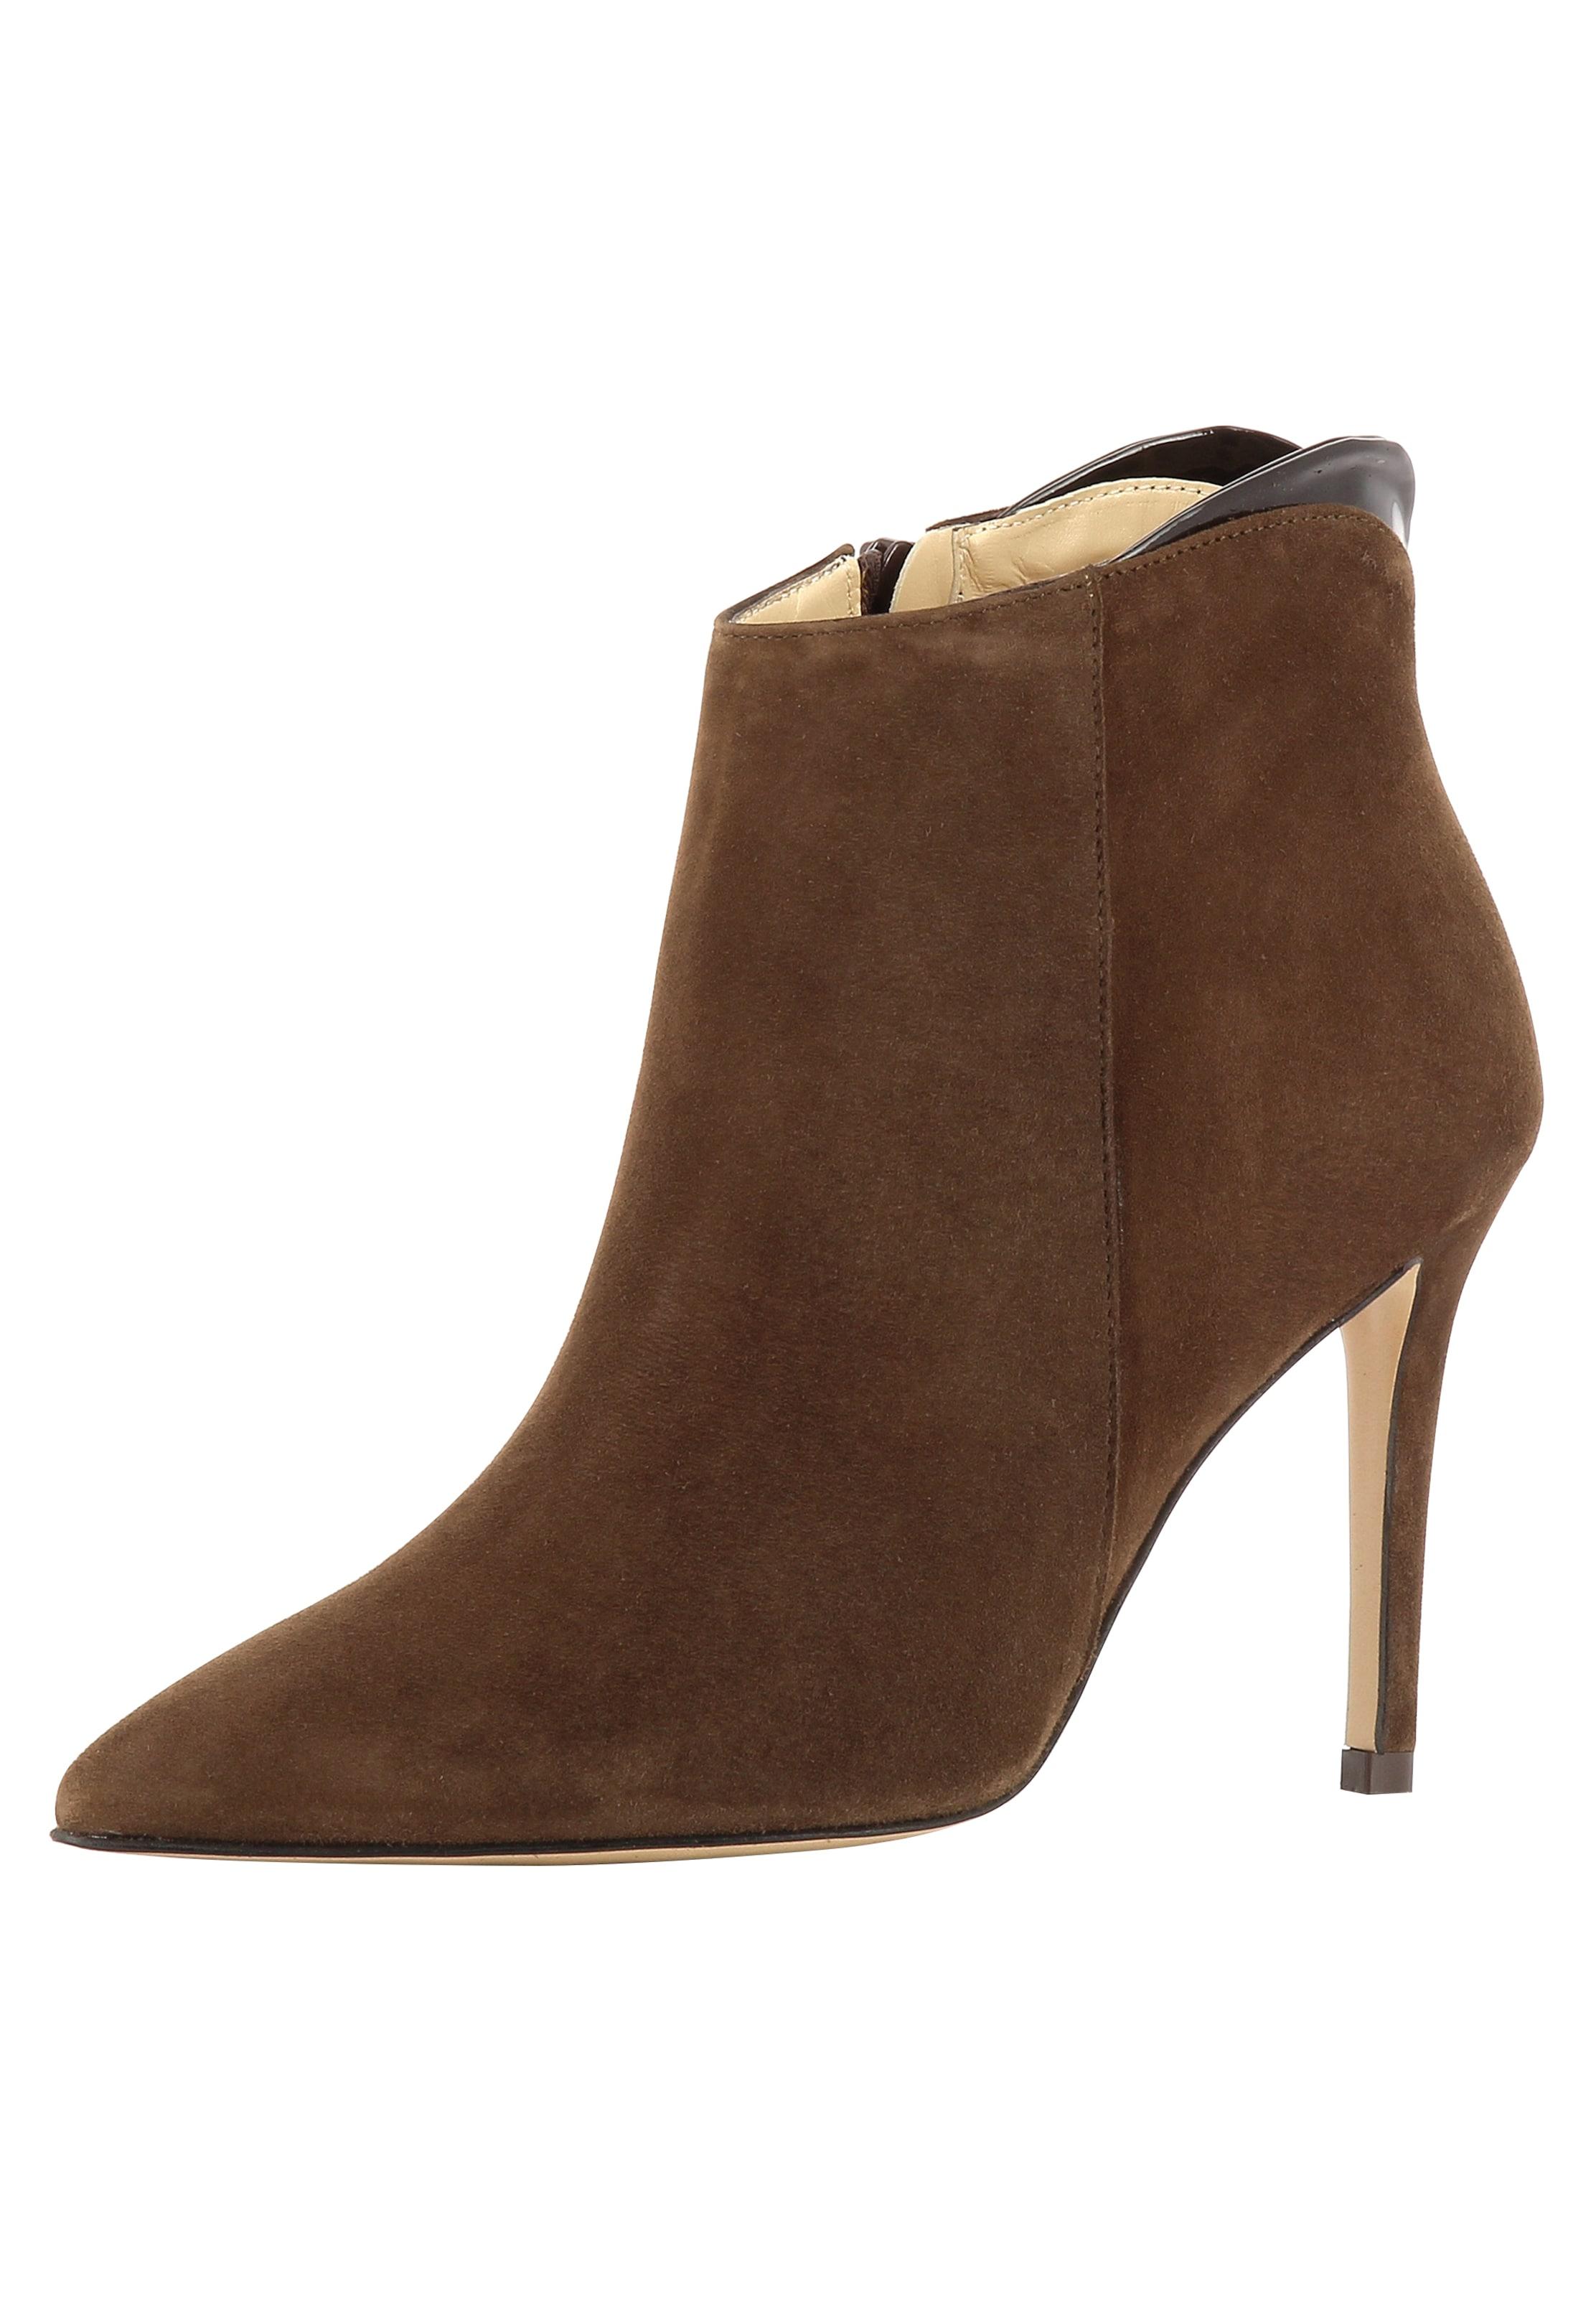 EVITA Stiefelette Günstige und langlebige Schuhe